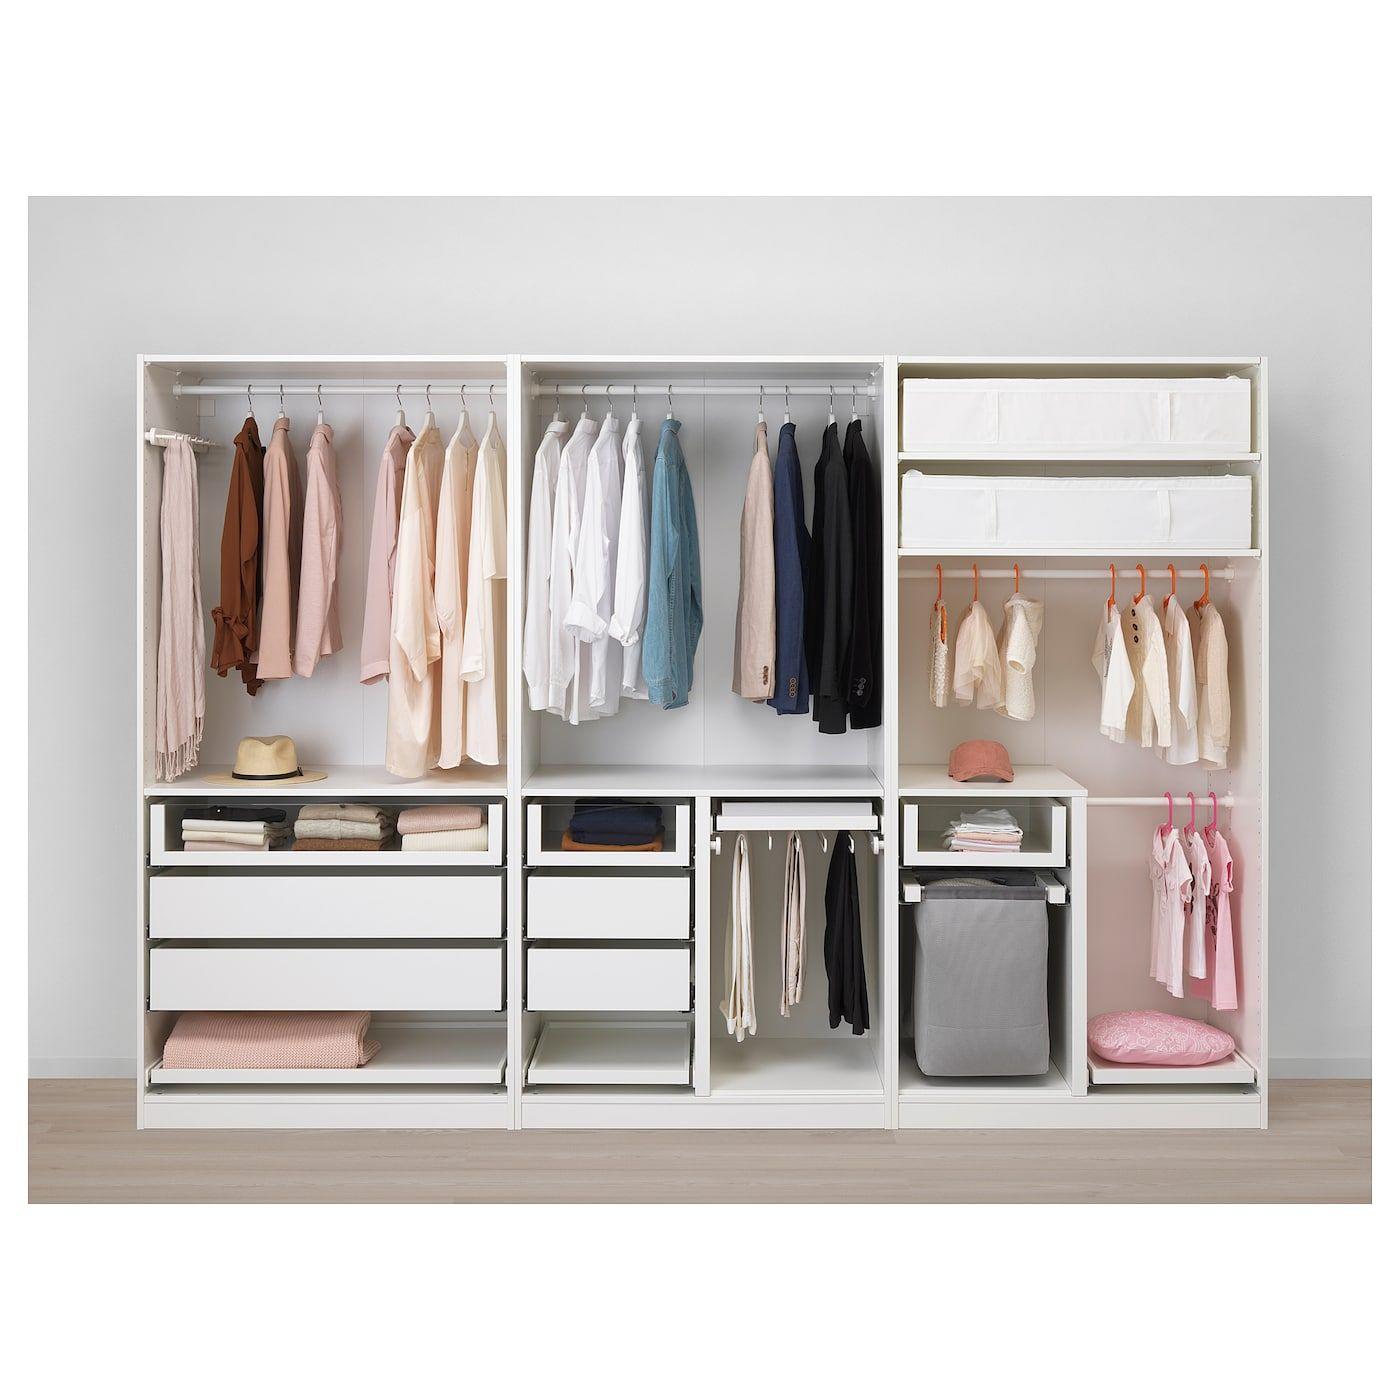 Wardrobe White Kirkenes Cork Veneer 118 1 8x23 5 8x79 1 4 In 2020 Pax Wardrobe Ikea Pax Wardrobe Ikea Pax